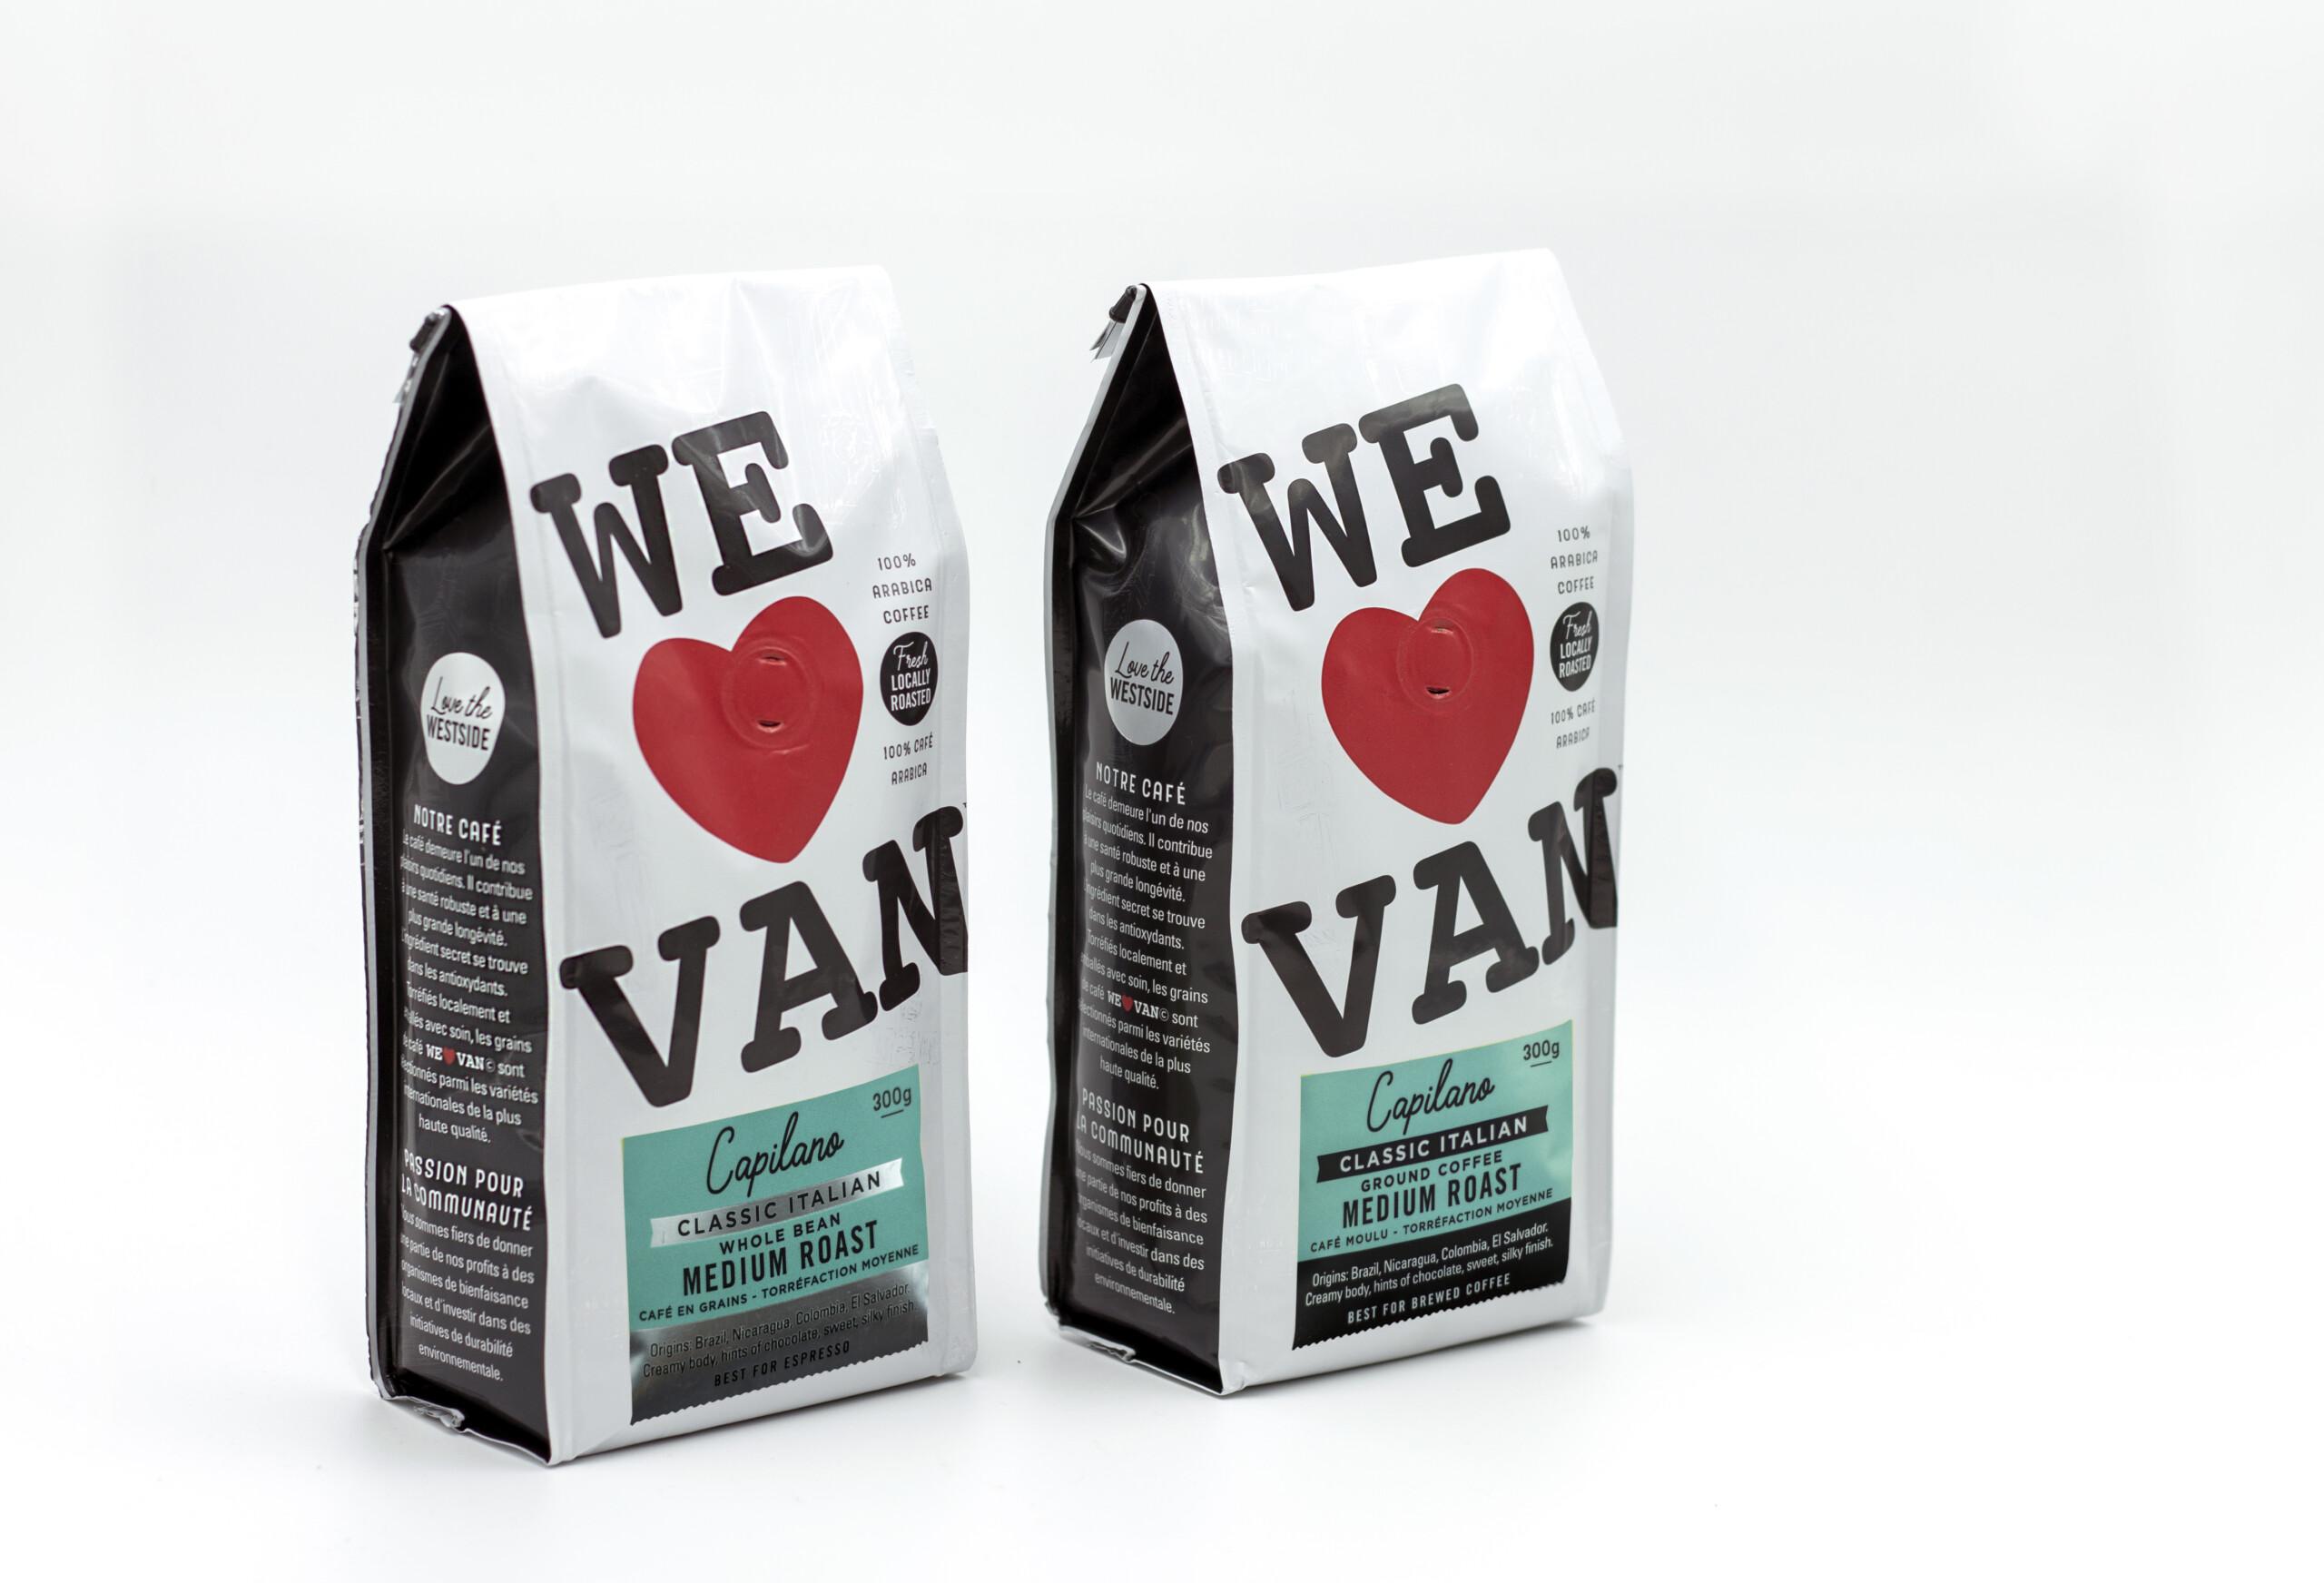 Capilano Coffee